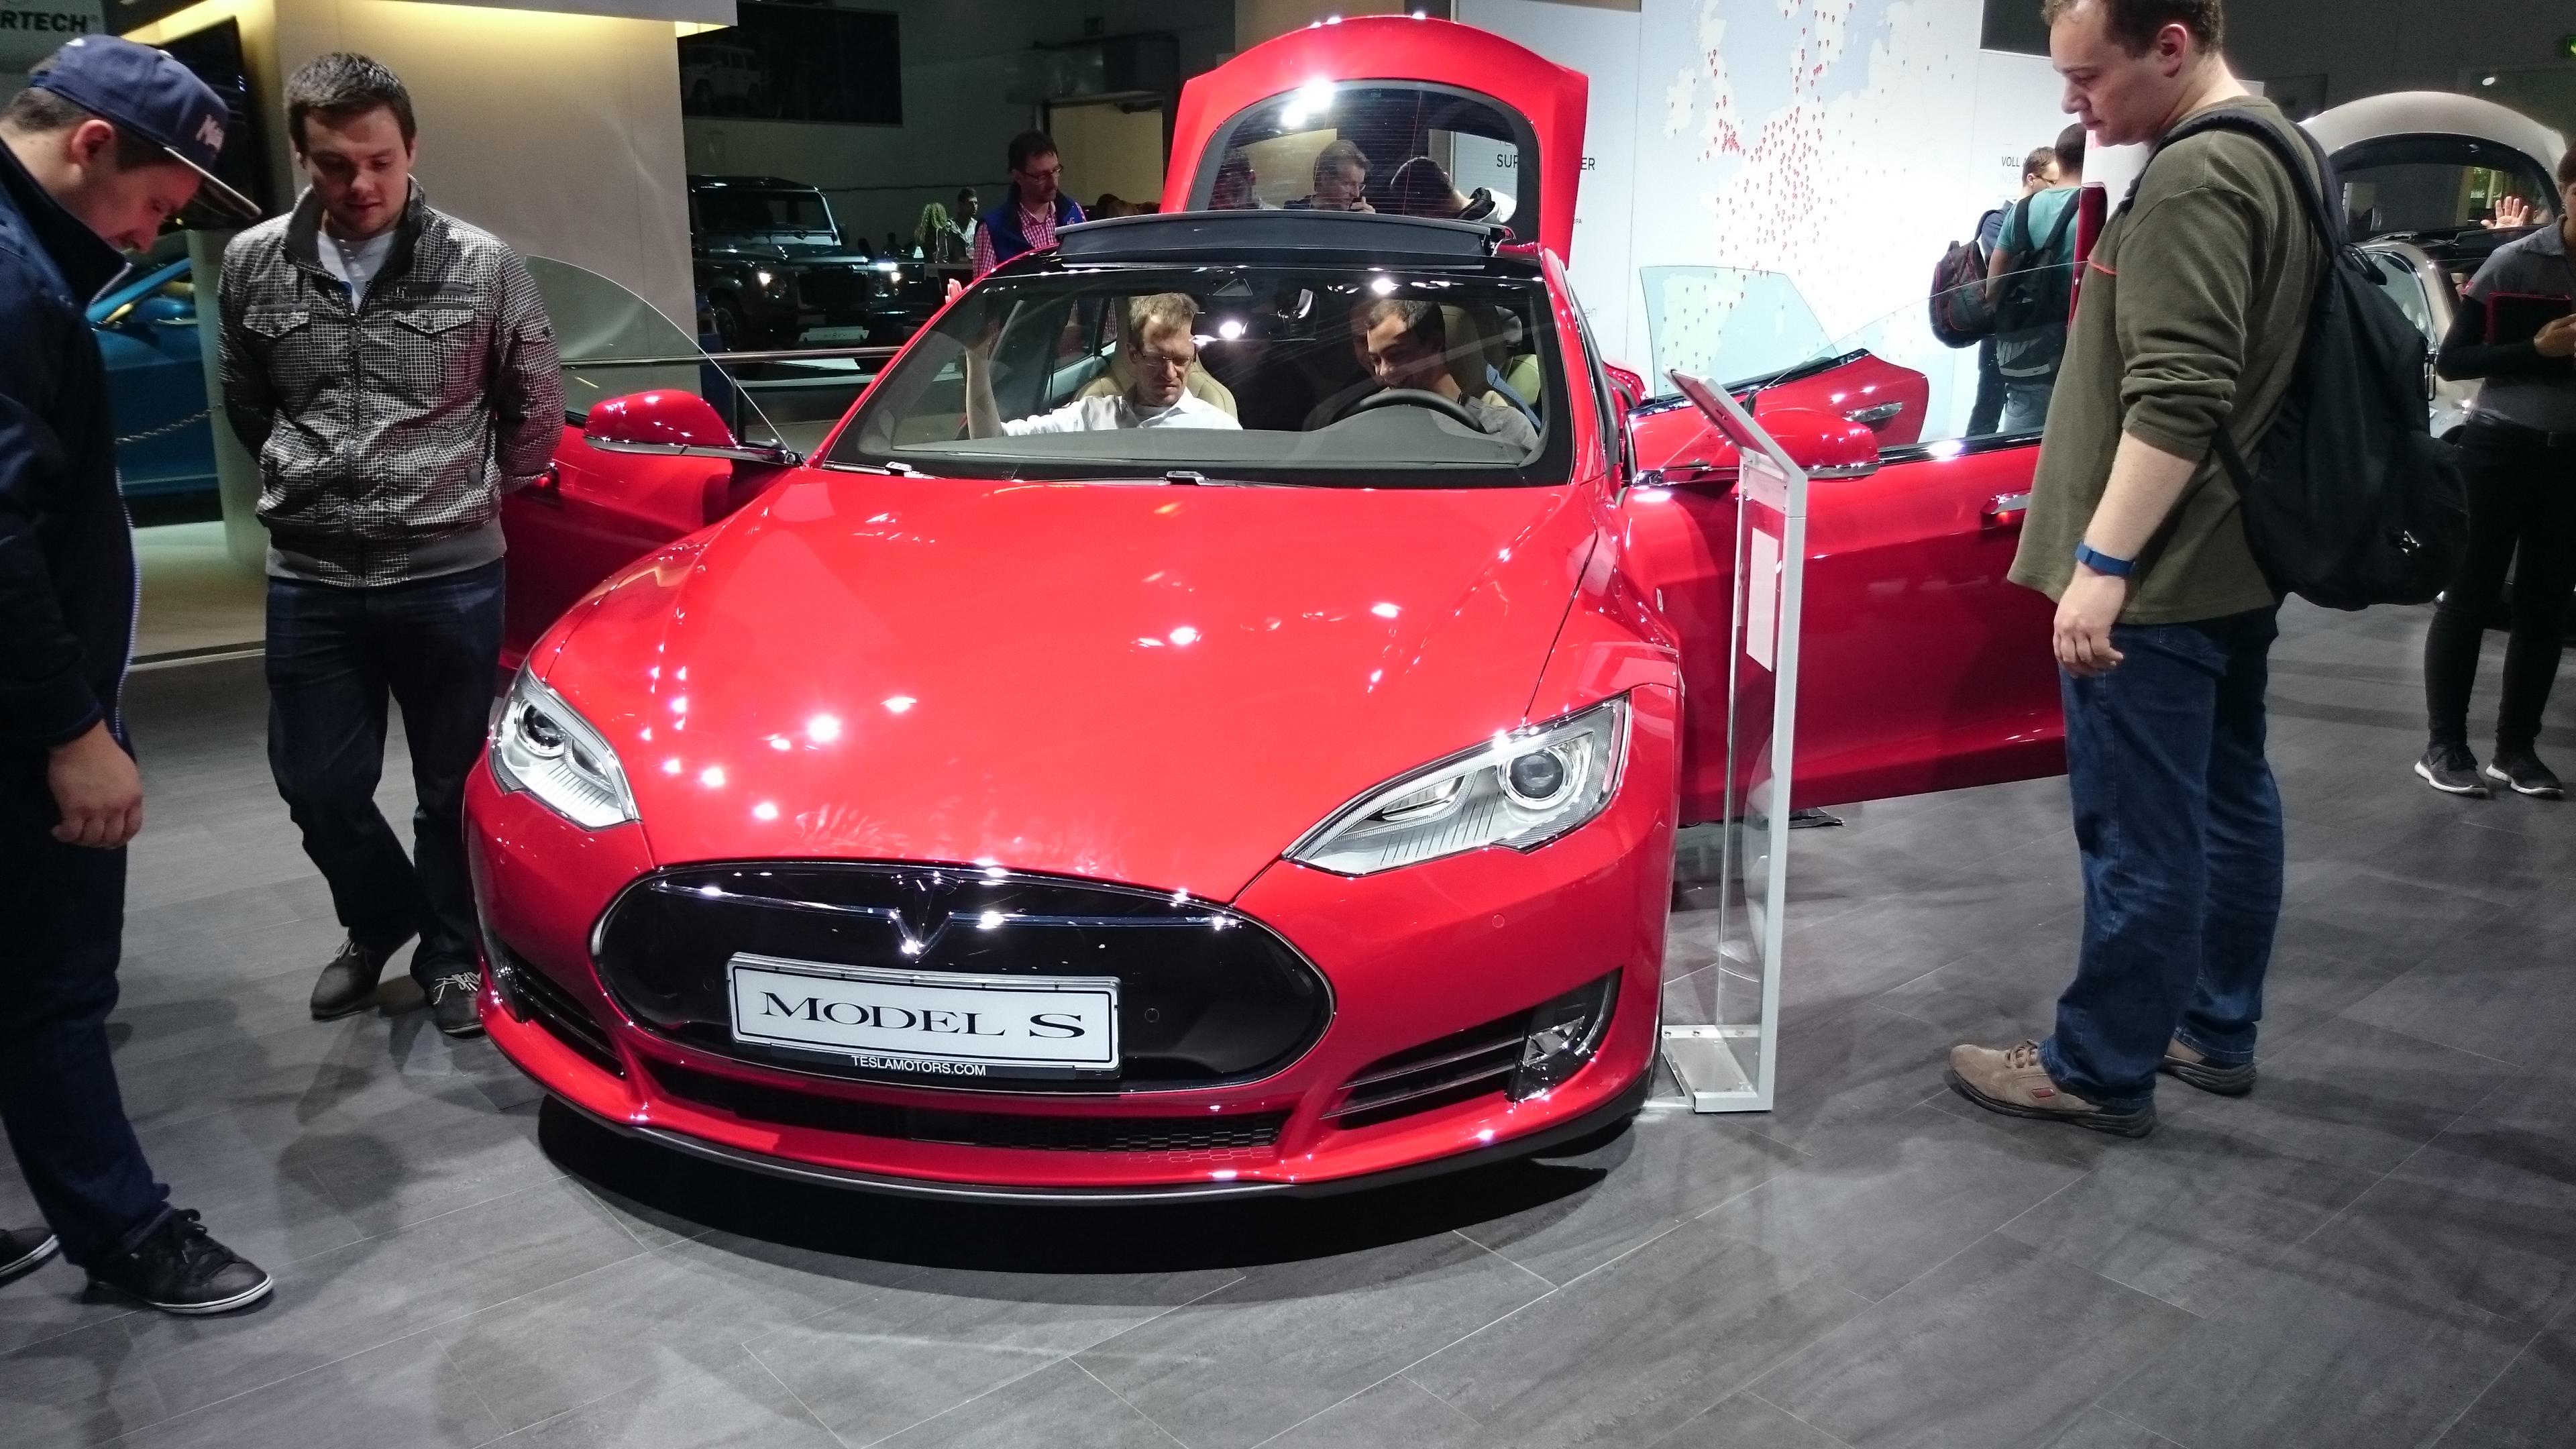 Fotos 360 del Tesla Model S en color Rojo Multicapa #VidePan en #IAA2015